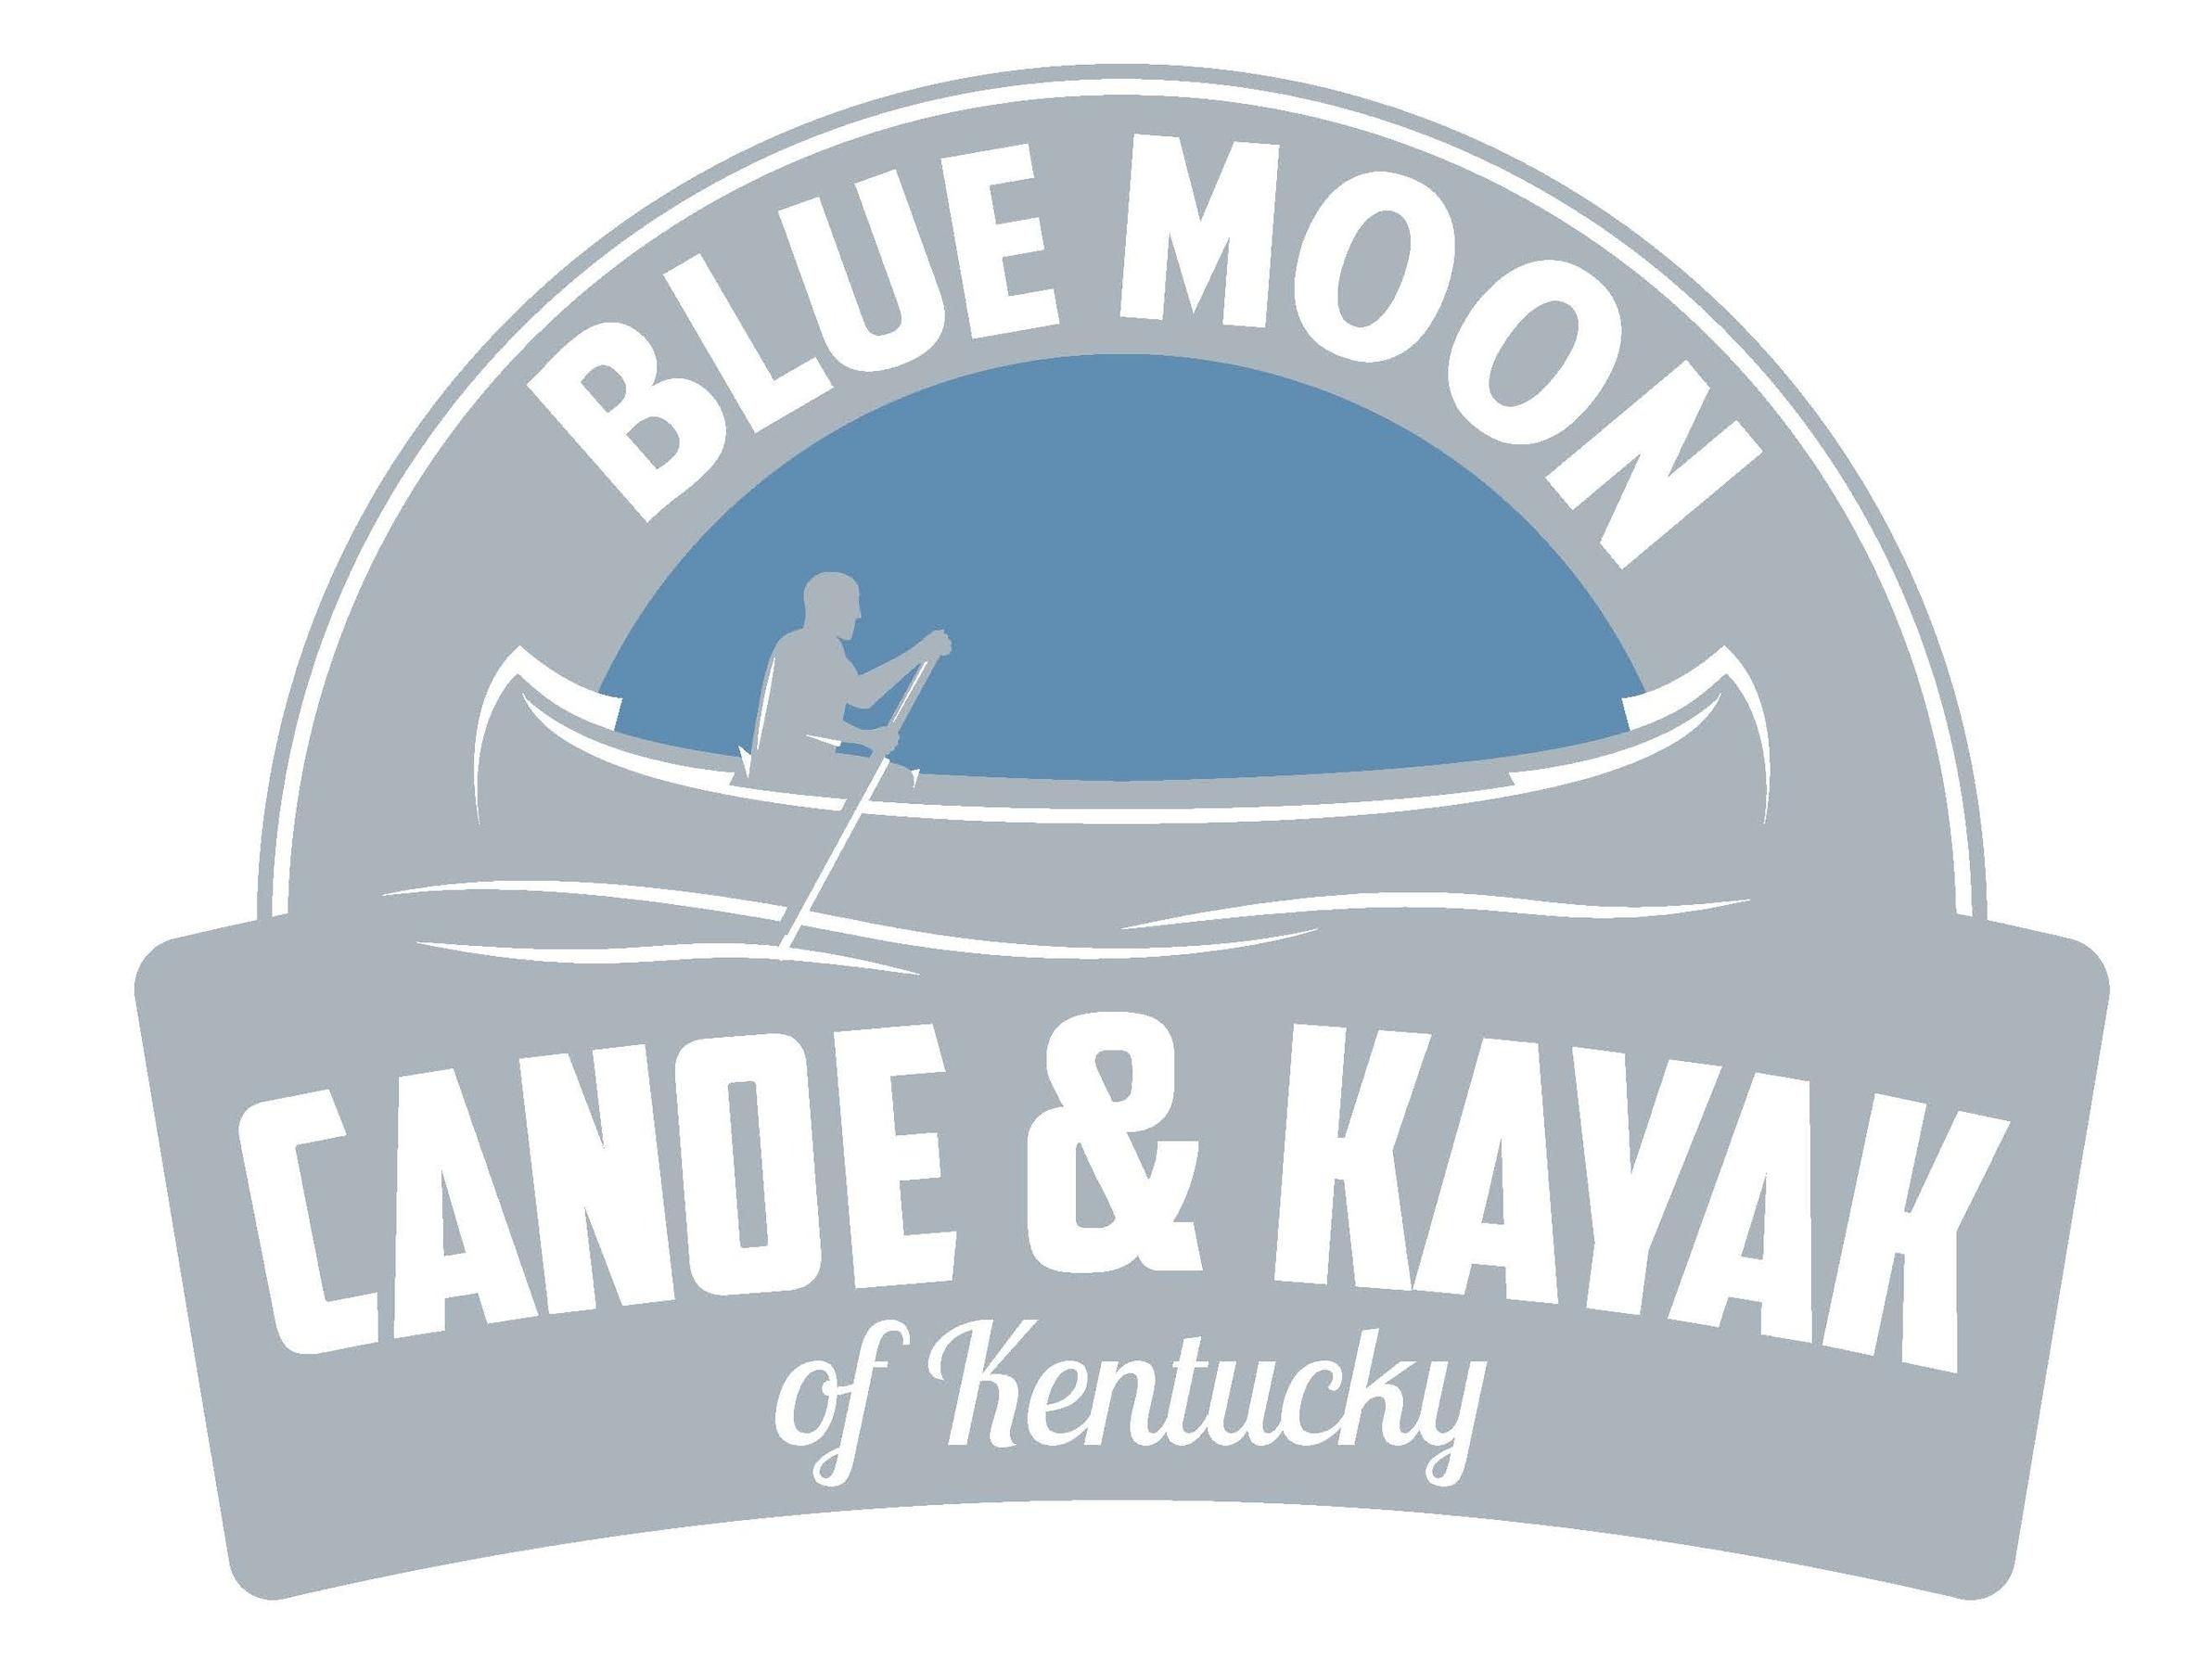 BlueMoonCanoeKayakKY_logo (1).jpg